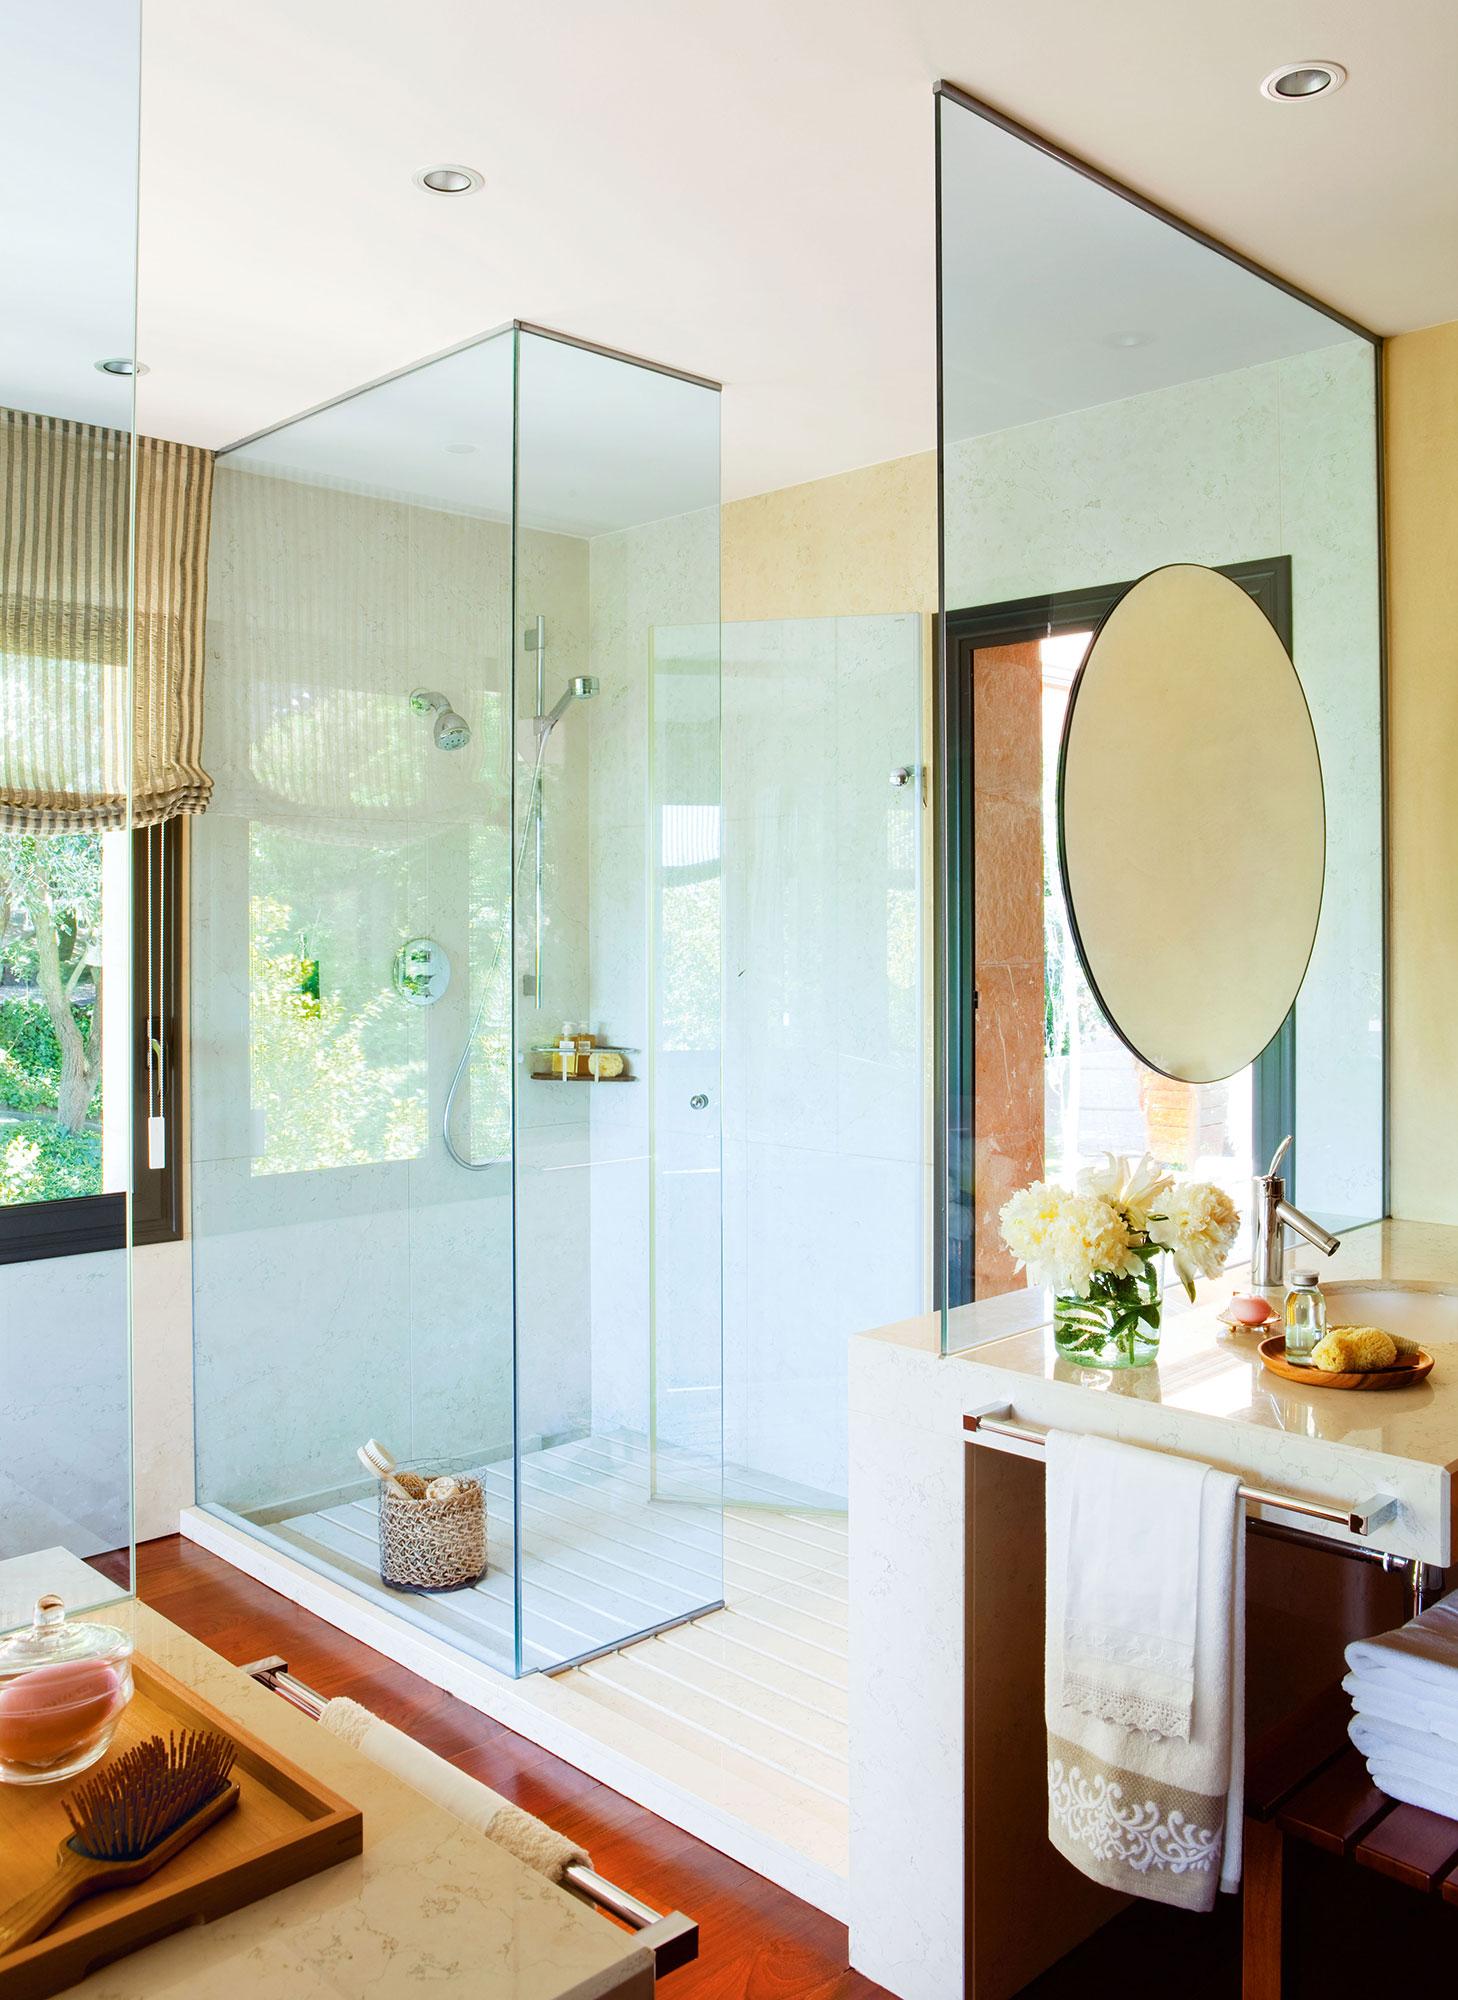 Claves para multiplicar la luz y la claridad del ba o for Cabina de ducha easy